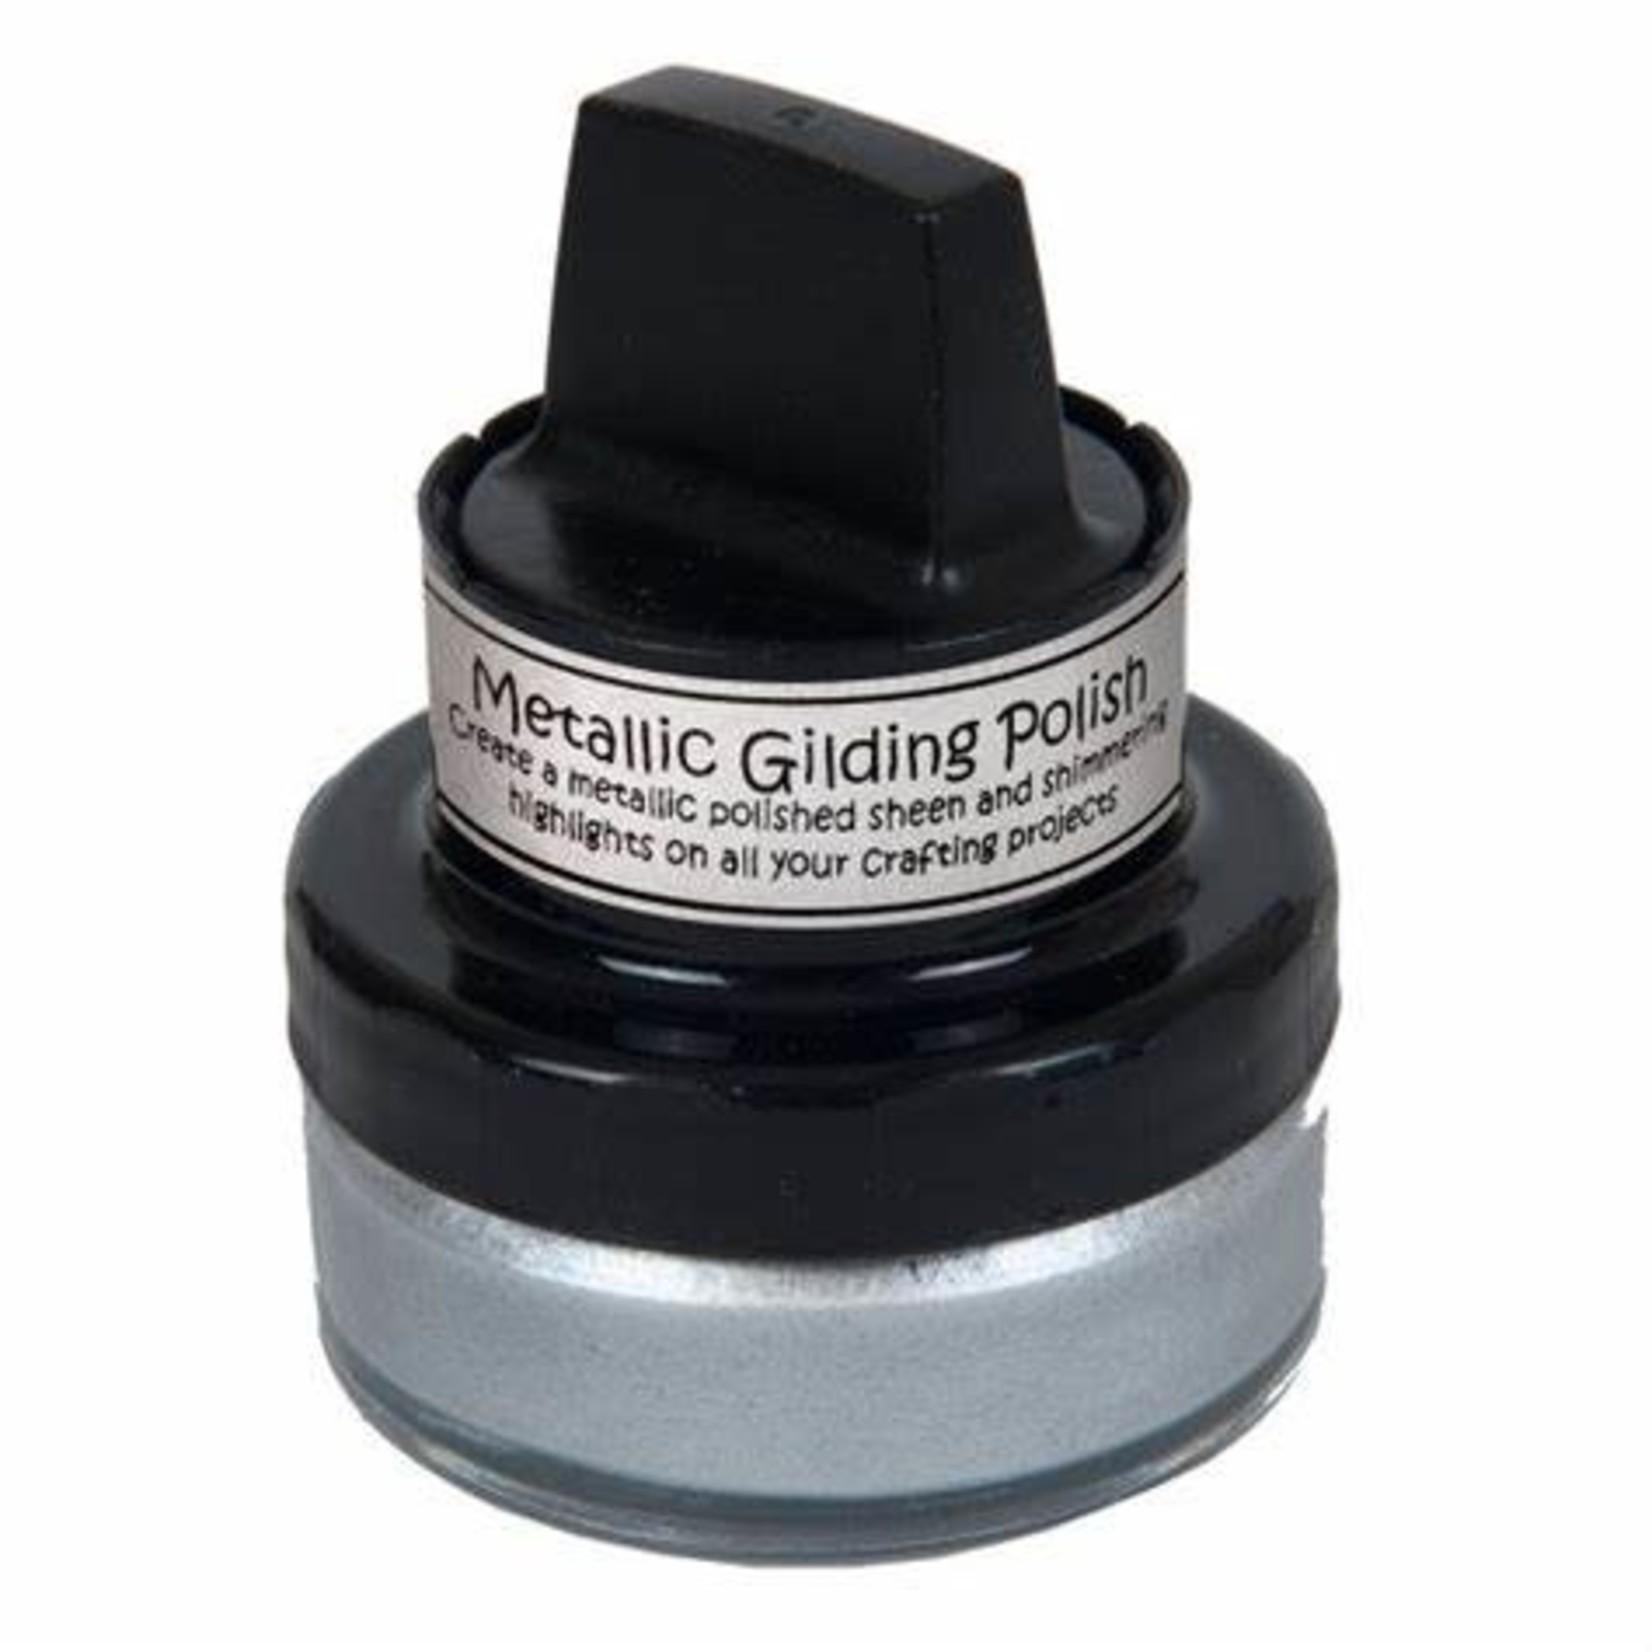 Cosmic Shimmer Cosmic Shimmer Metallic Gilding Polish